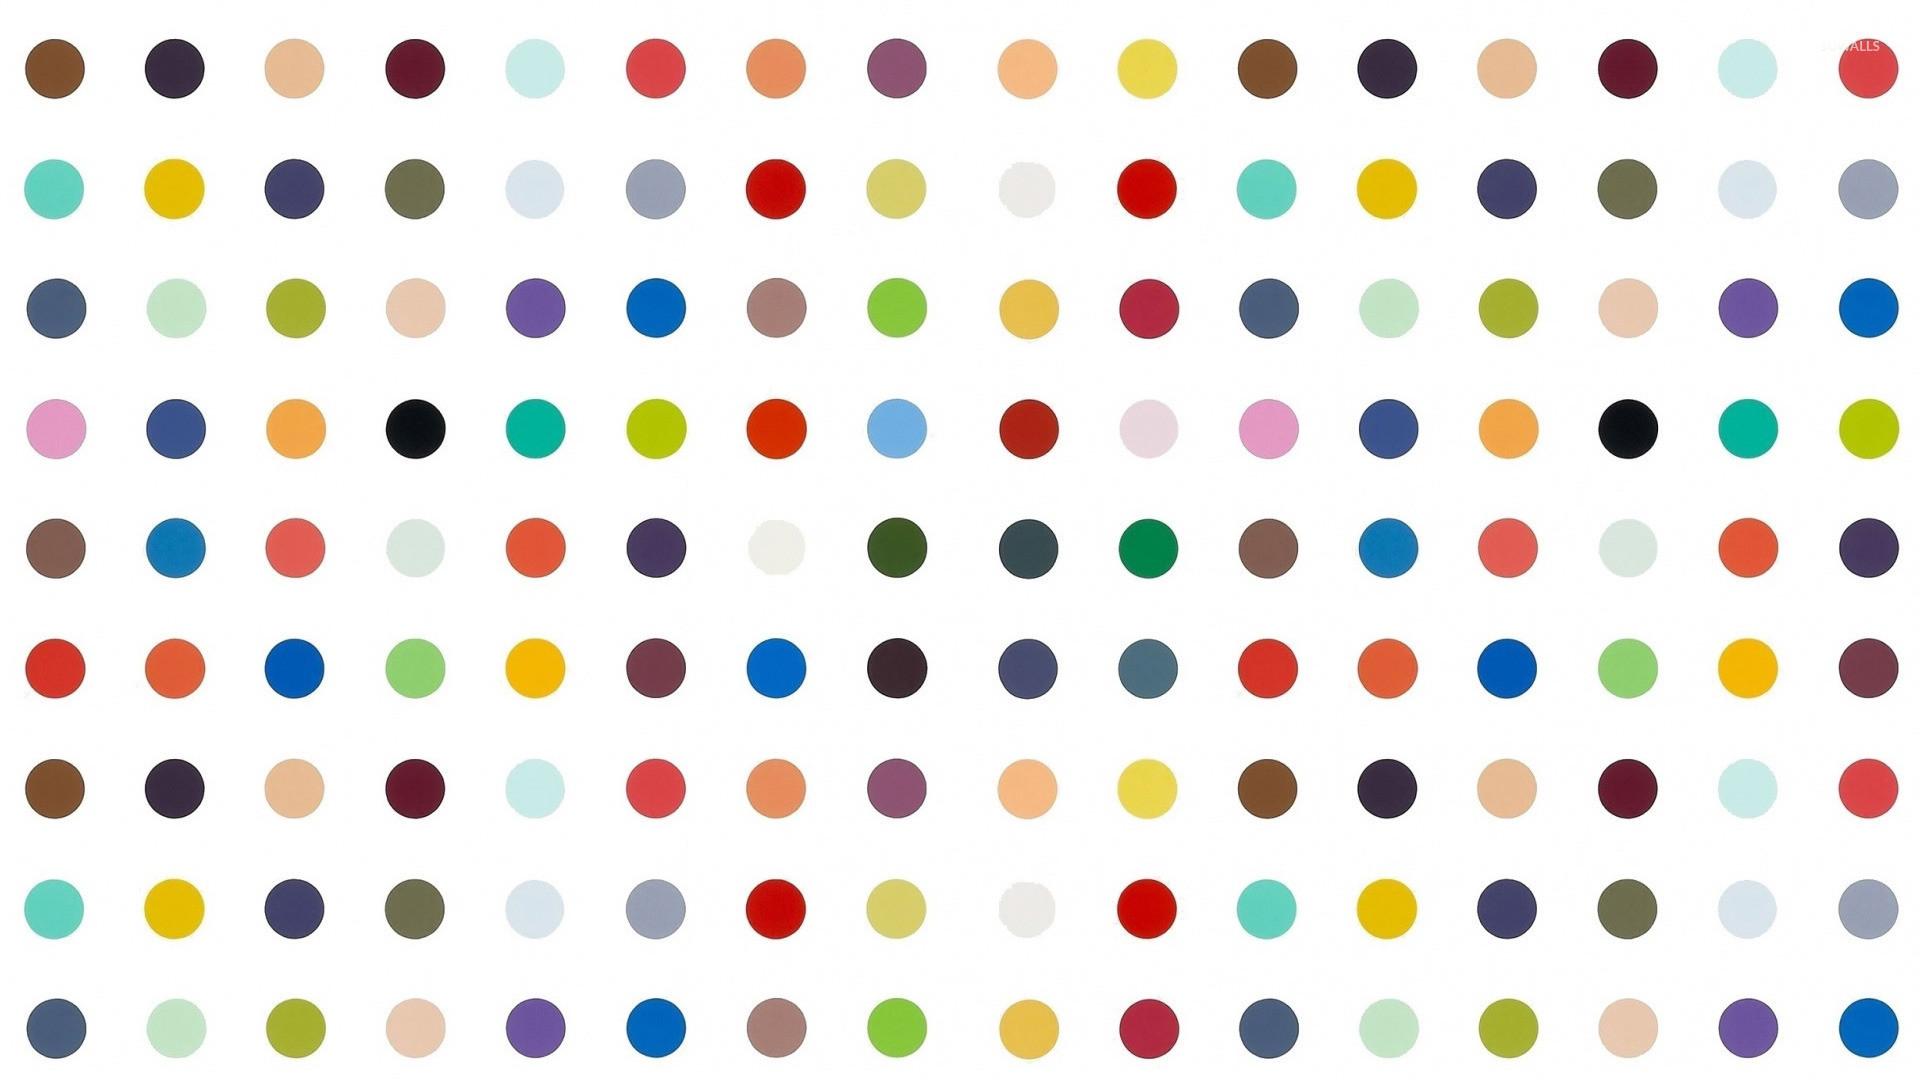 Polka dot wallpaper 54 images for Polka dot wallpaper